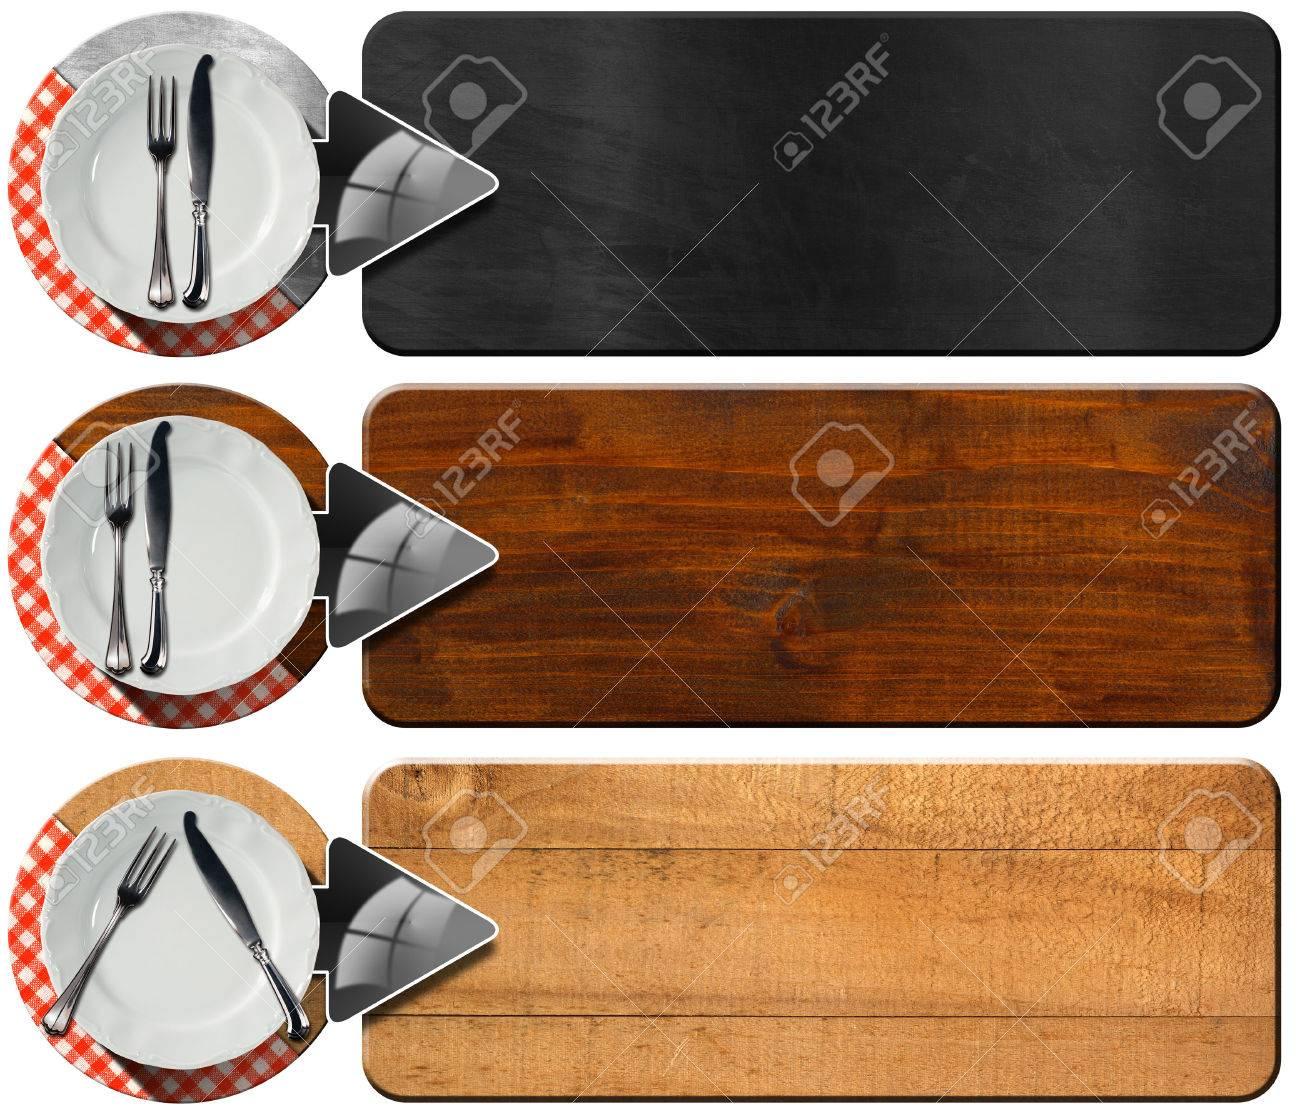 Sammlung Von Drei Banner Küche Mit Weißen Leeren Teller, Silberbesteck, Rot  Und Weiß Karierten